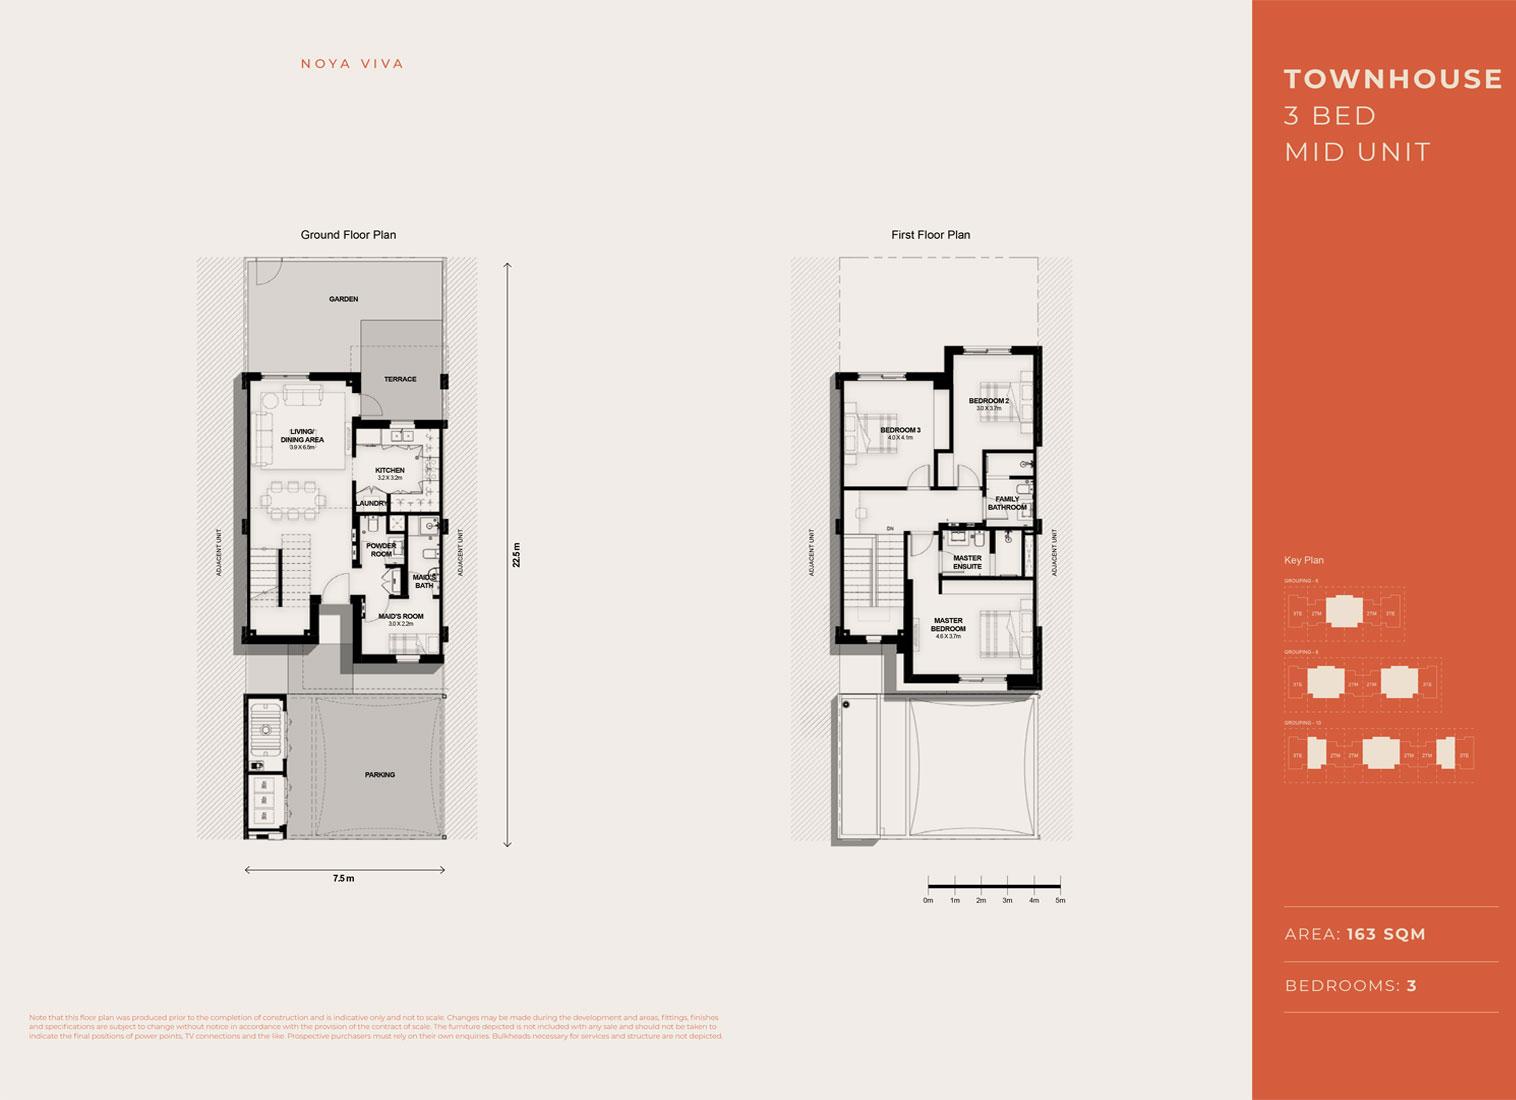 3 غرف نوم ، وحدة متوسطة